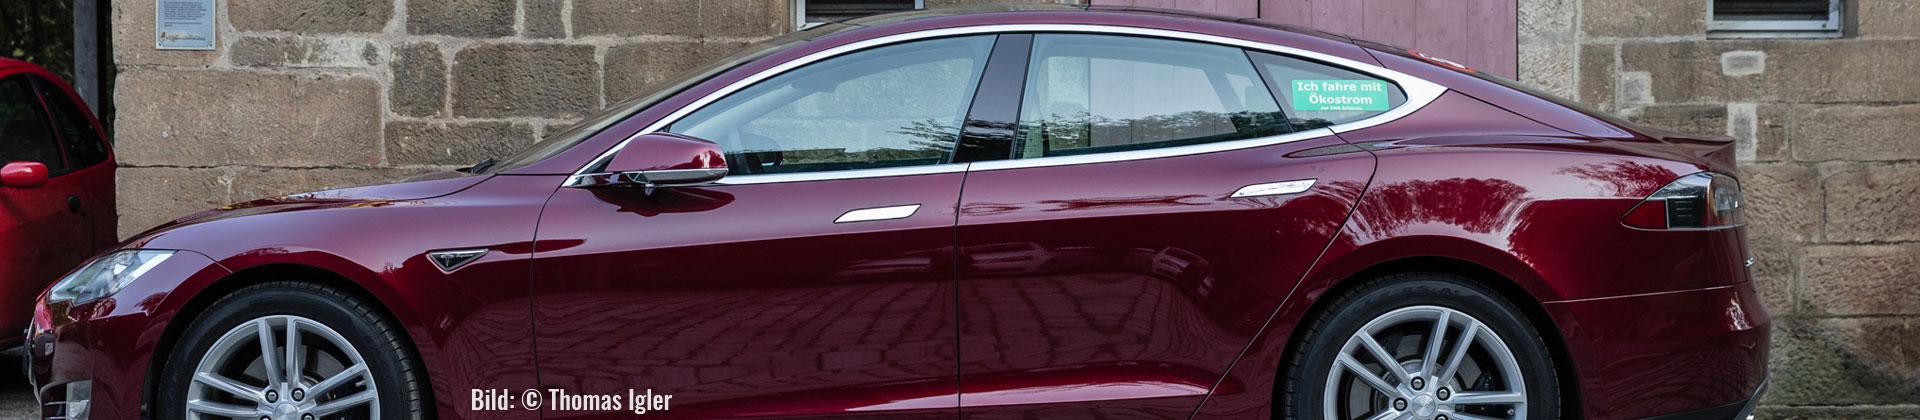 Ein Tesla Model S (Bild: © Thoams Igler)